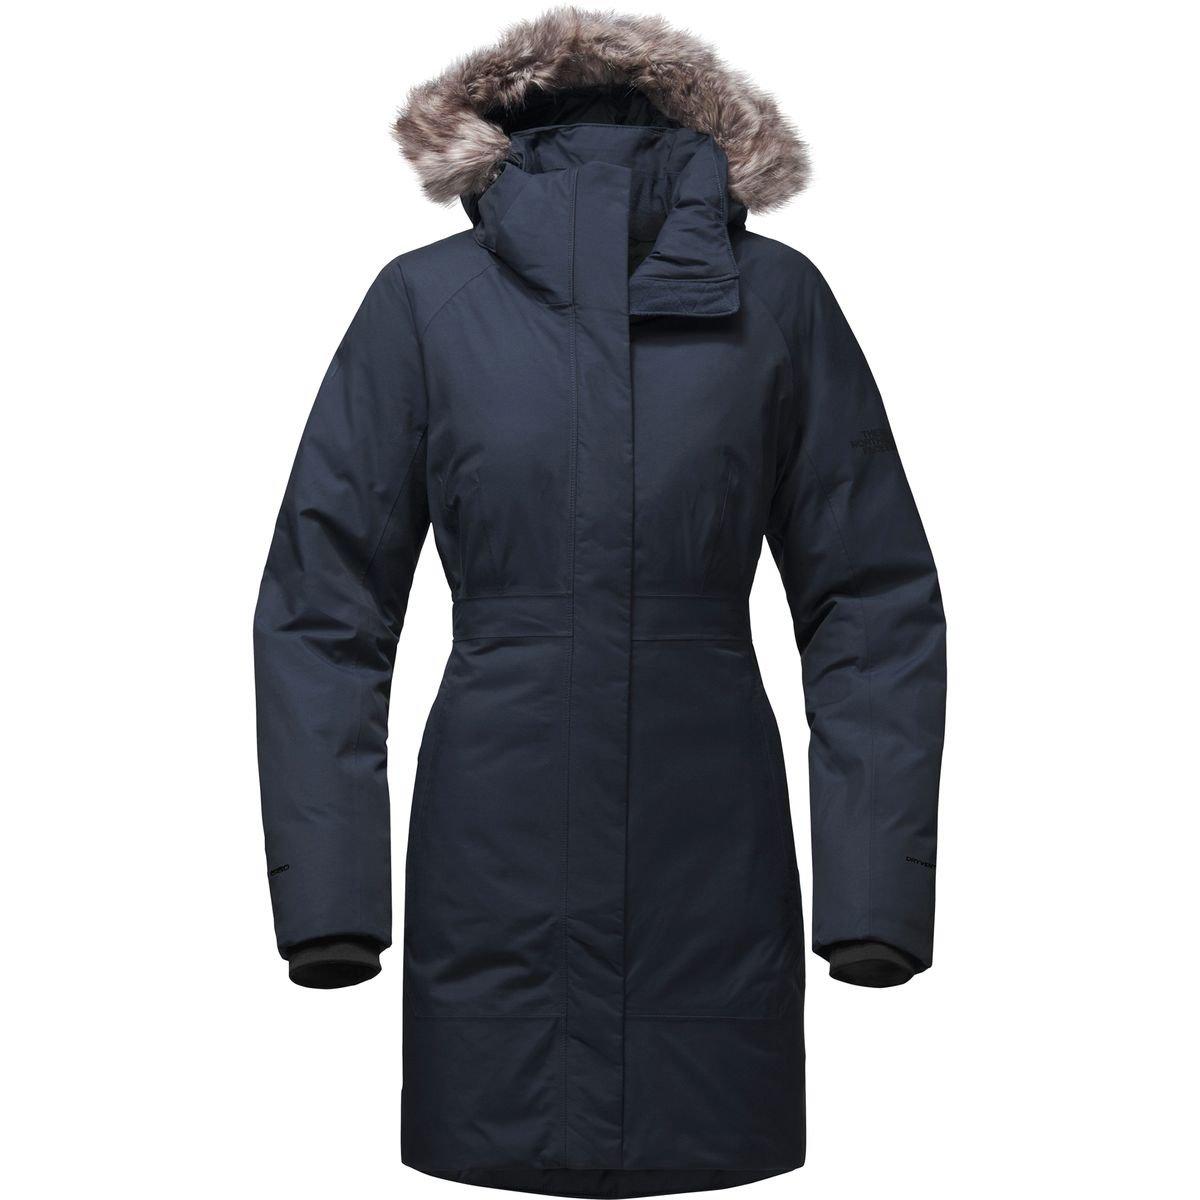 (ザノースフェイス) The North Face Arctic Down Parka II Women's メンズ ジャケットUrban Navy [並行輸入品] B0757NDCRF 日本サイズ M (US S) Urban Navy Urban Navy 日本サイズ M (US S)